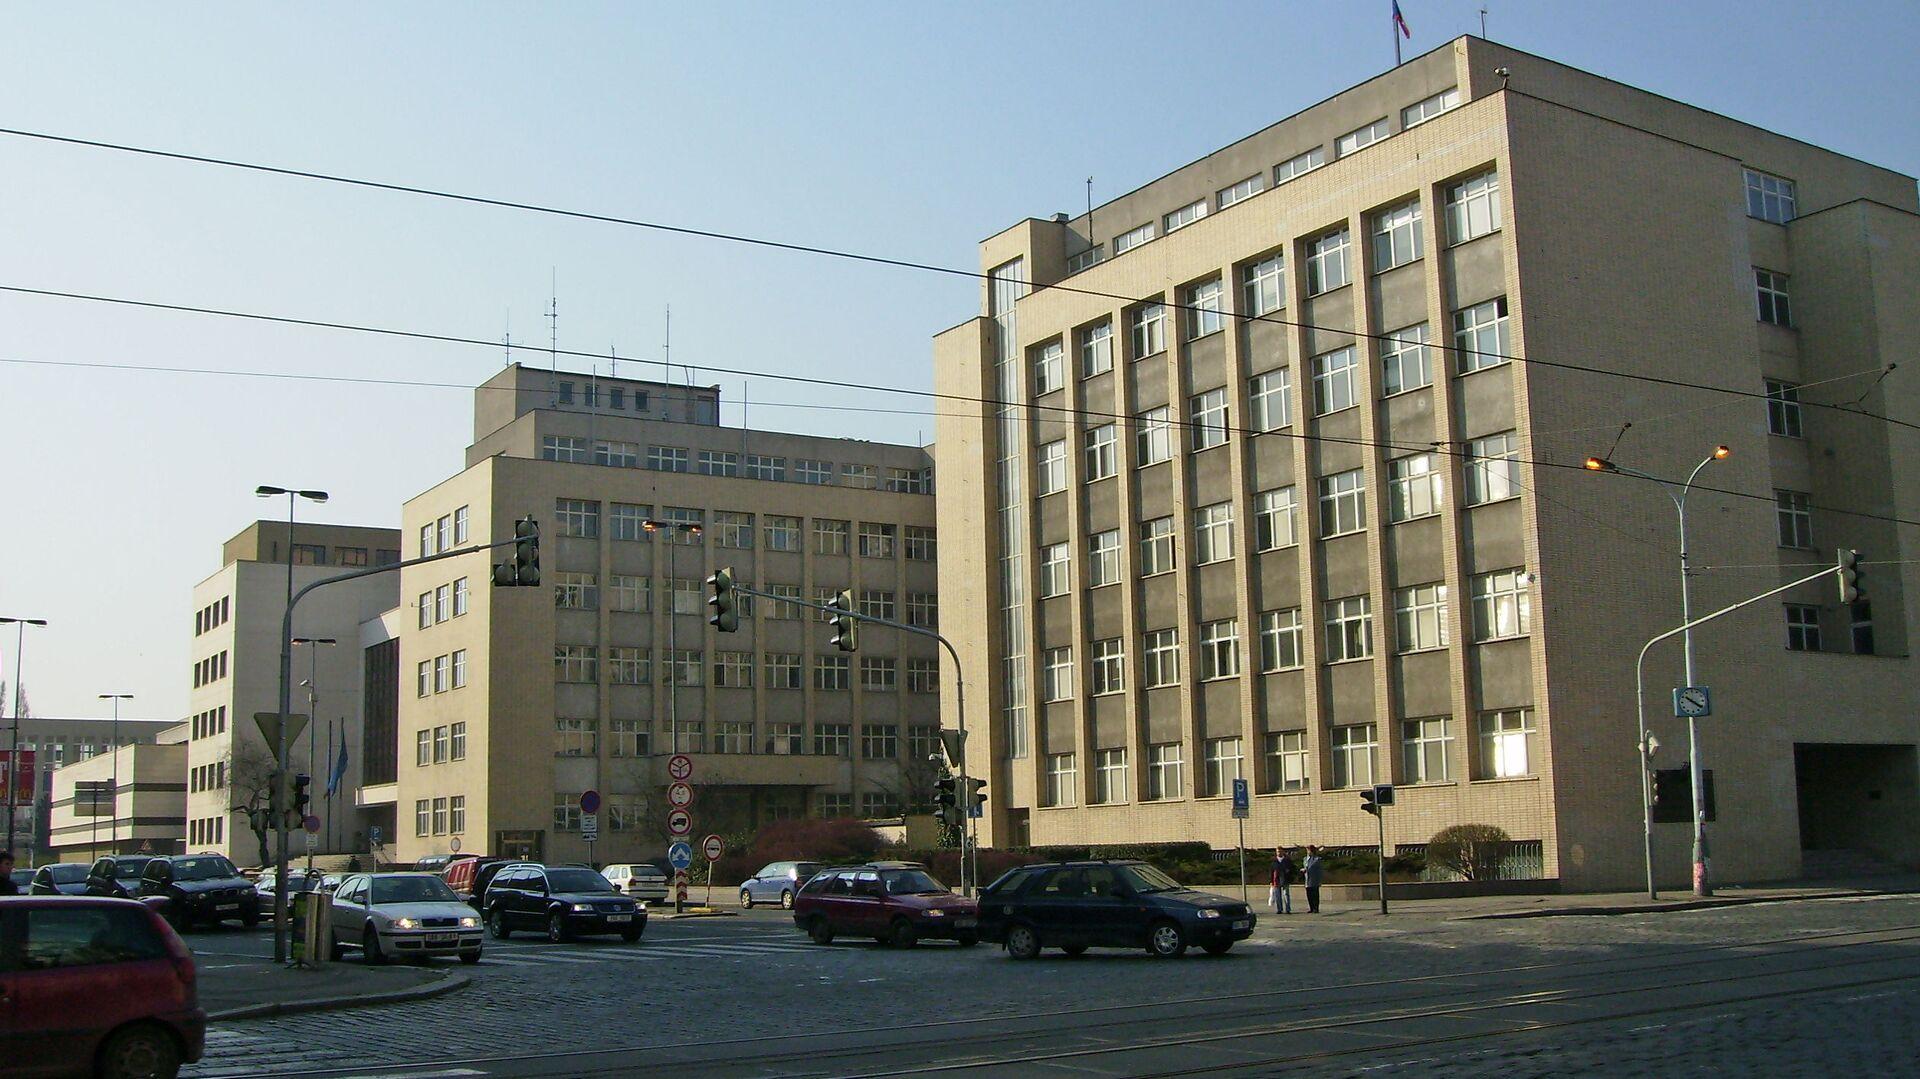 Ministerstvo vnitra ČR - Sputnik Česká republika, 1920, 28.02.2021